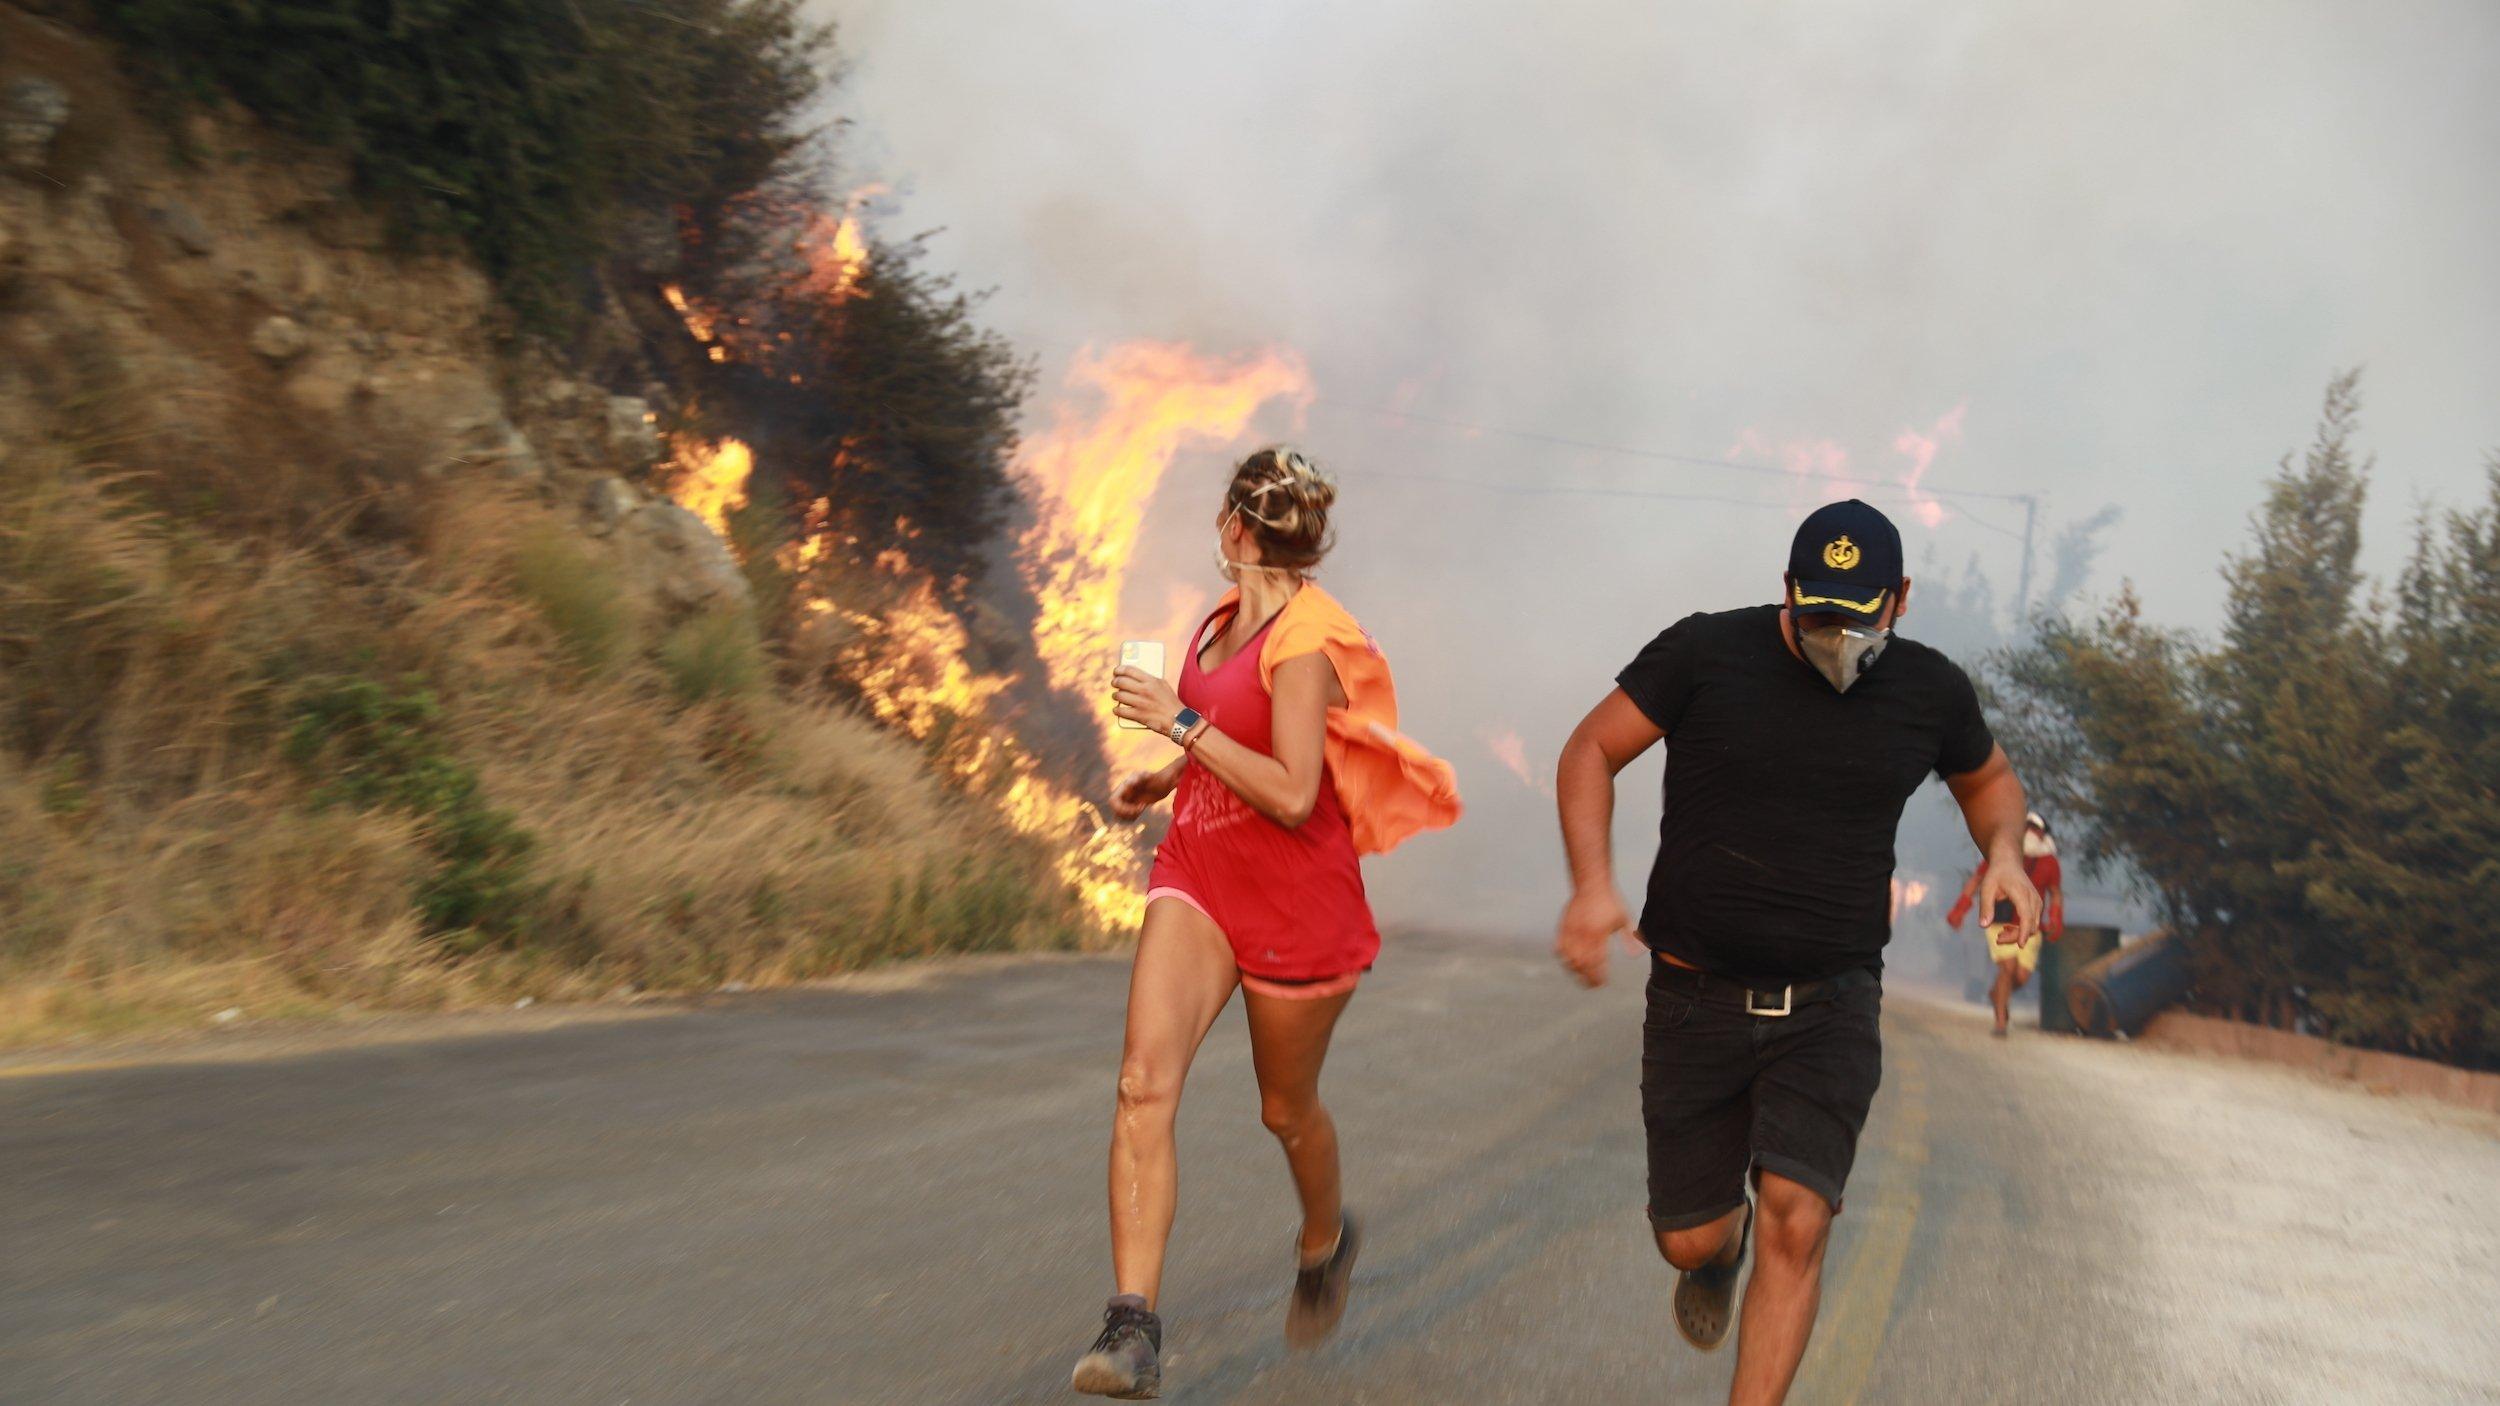 Ein Mann und eine Frau laufen auf einer Landstraße vor dem Feuer davon